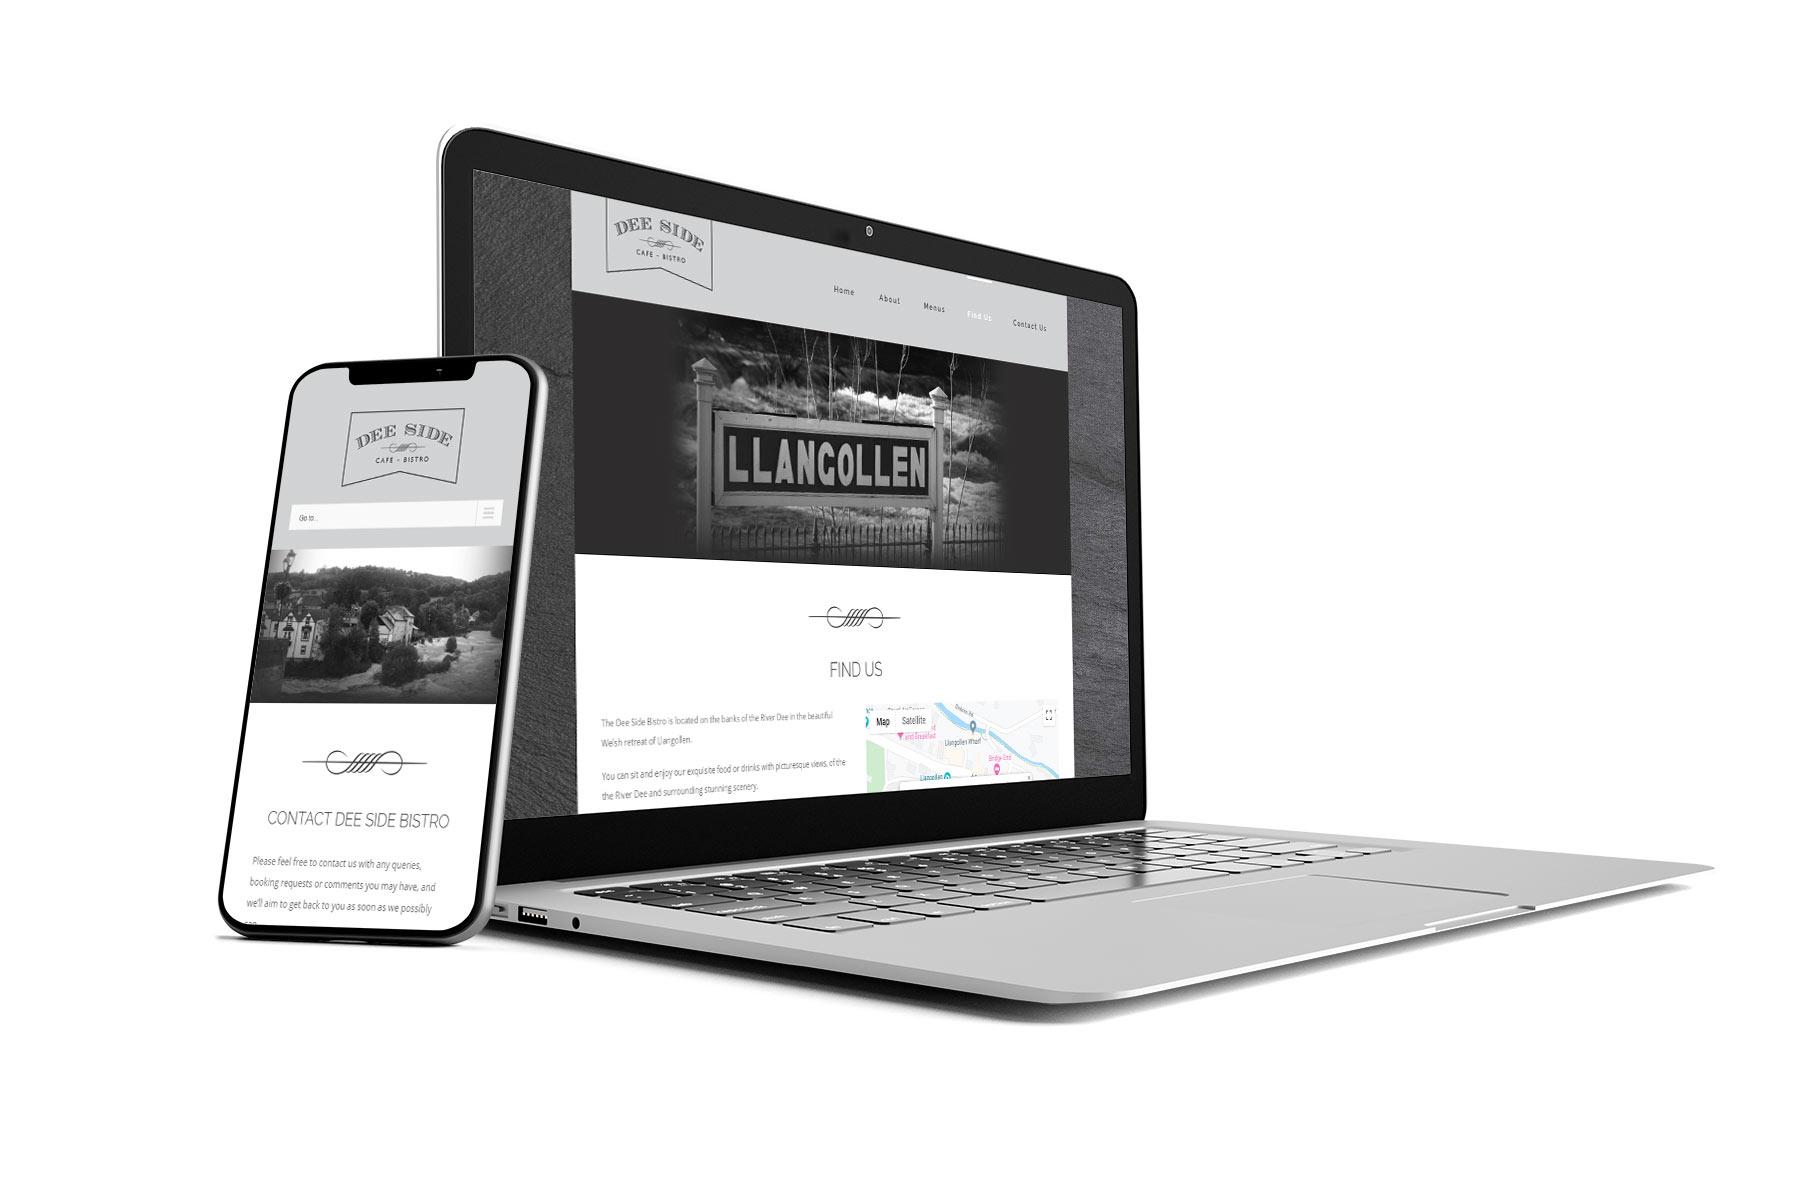 Deeside Bistro Website Designers in Llangollen Denbighshire